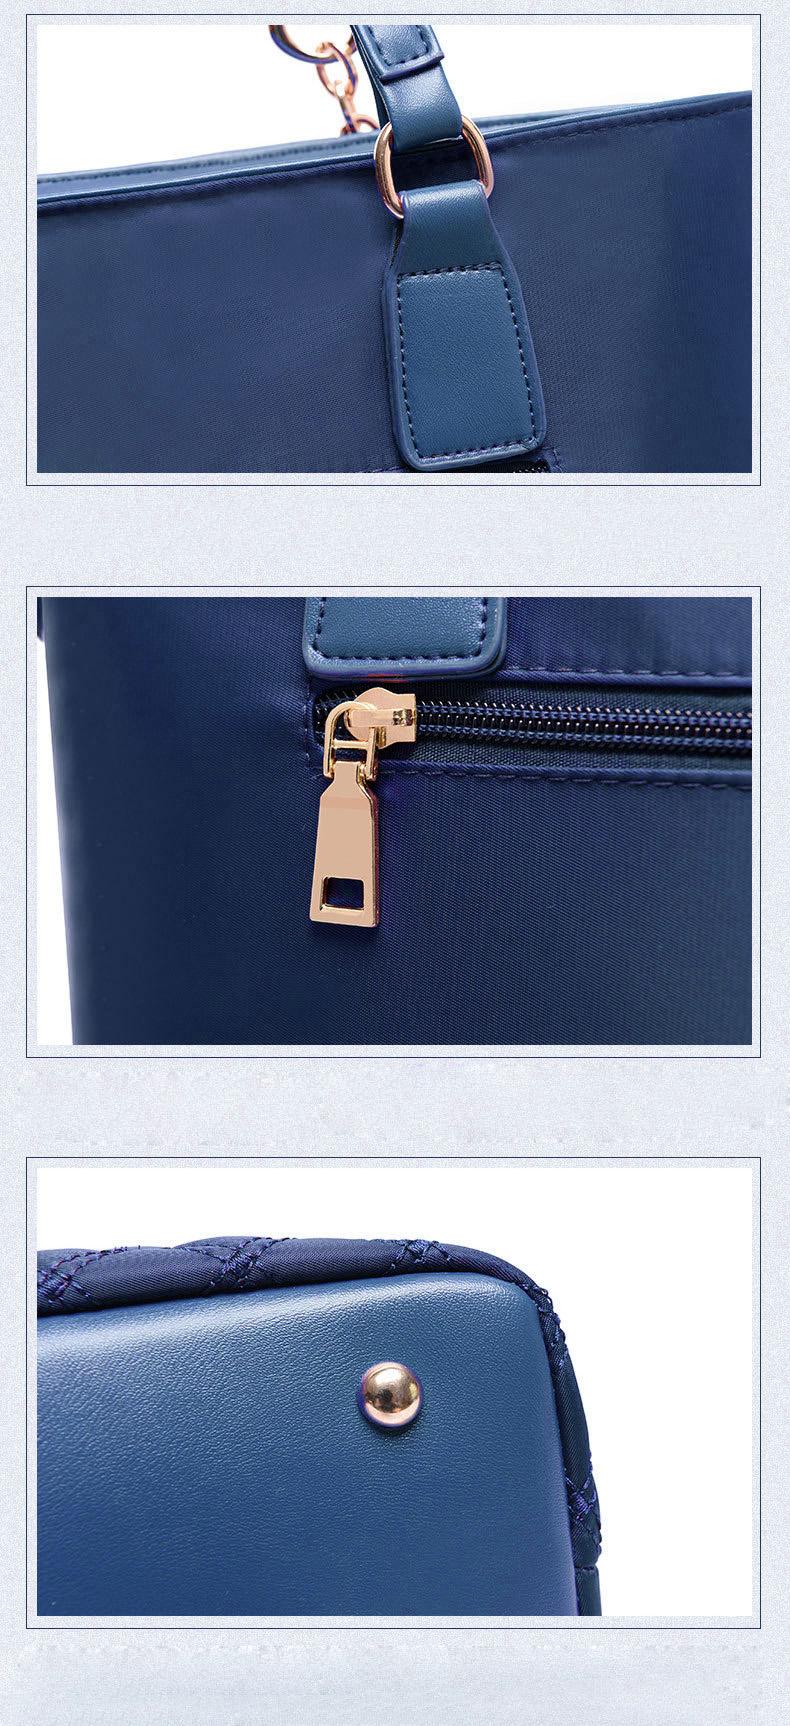 18 Women Bag Set Handbags Shoulder Bags Satchel Clutch Handbag Bolsas Famous Brands Composite Tote Ladies Crossbody Bag 6pcs 11